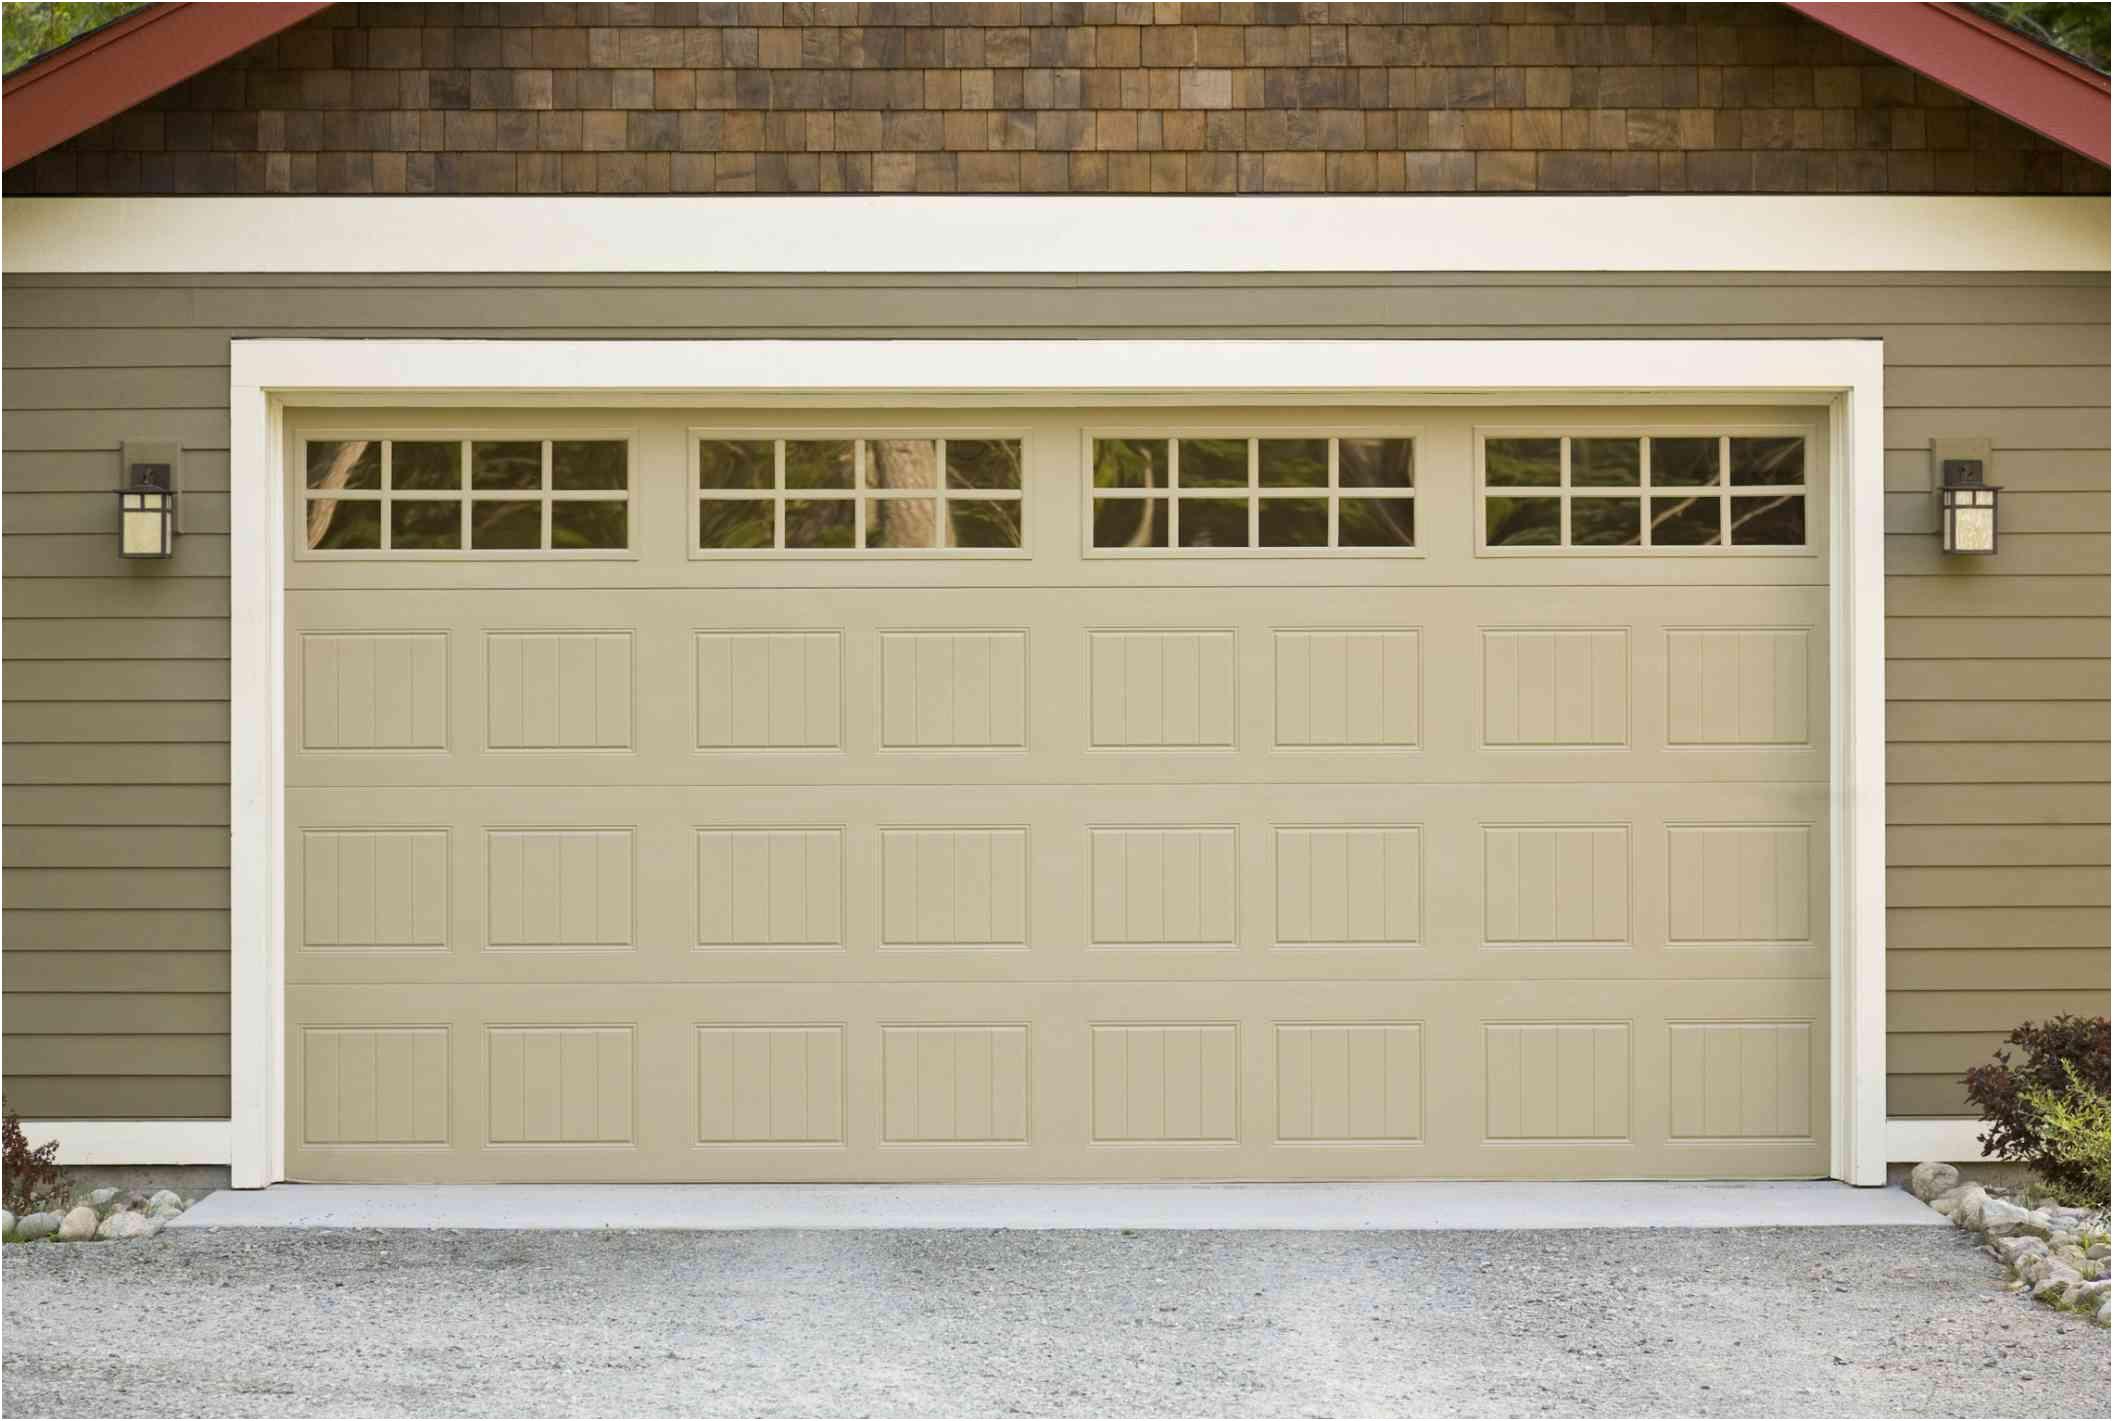 Inspirational Changing Garage Door Springs